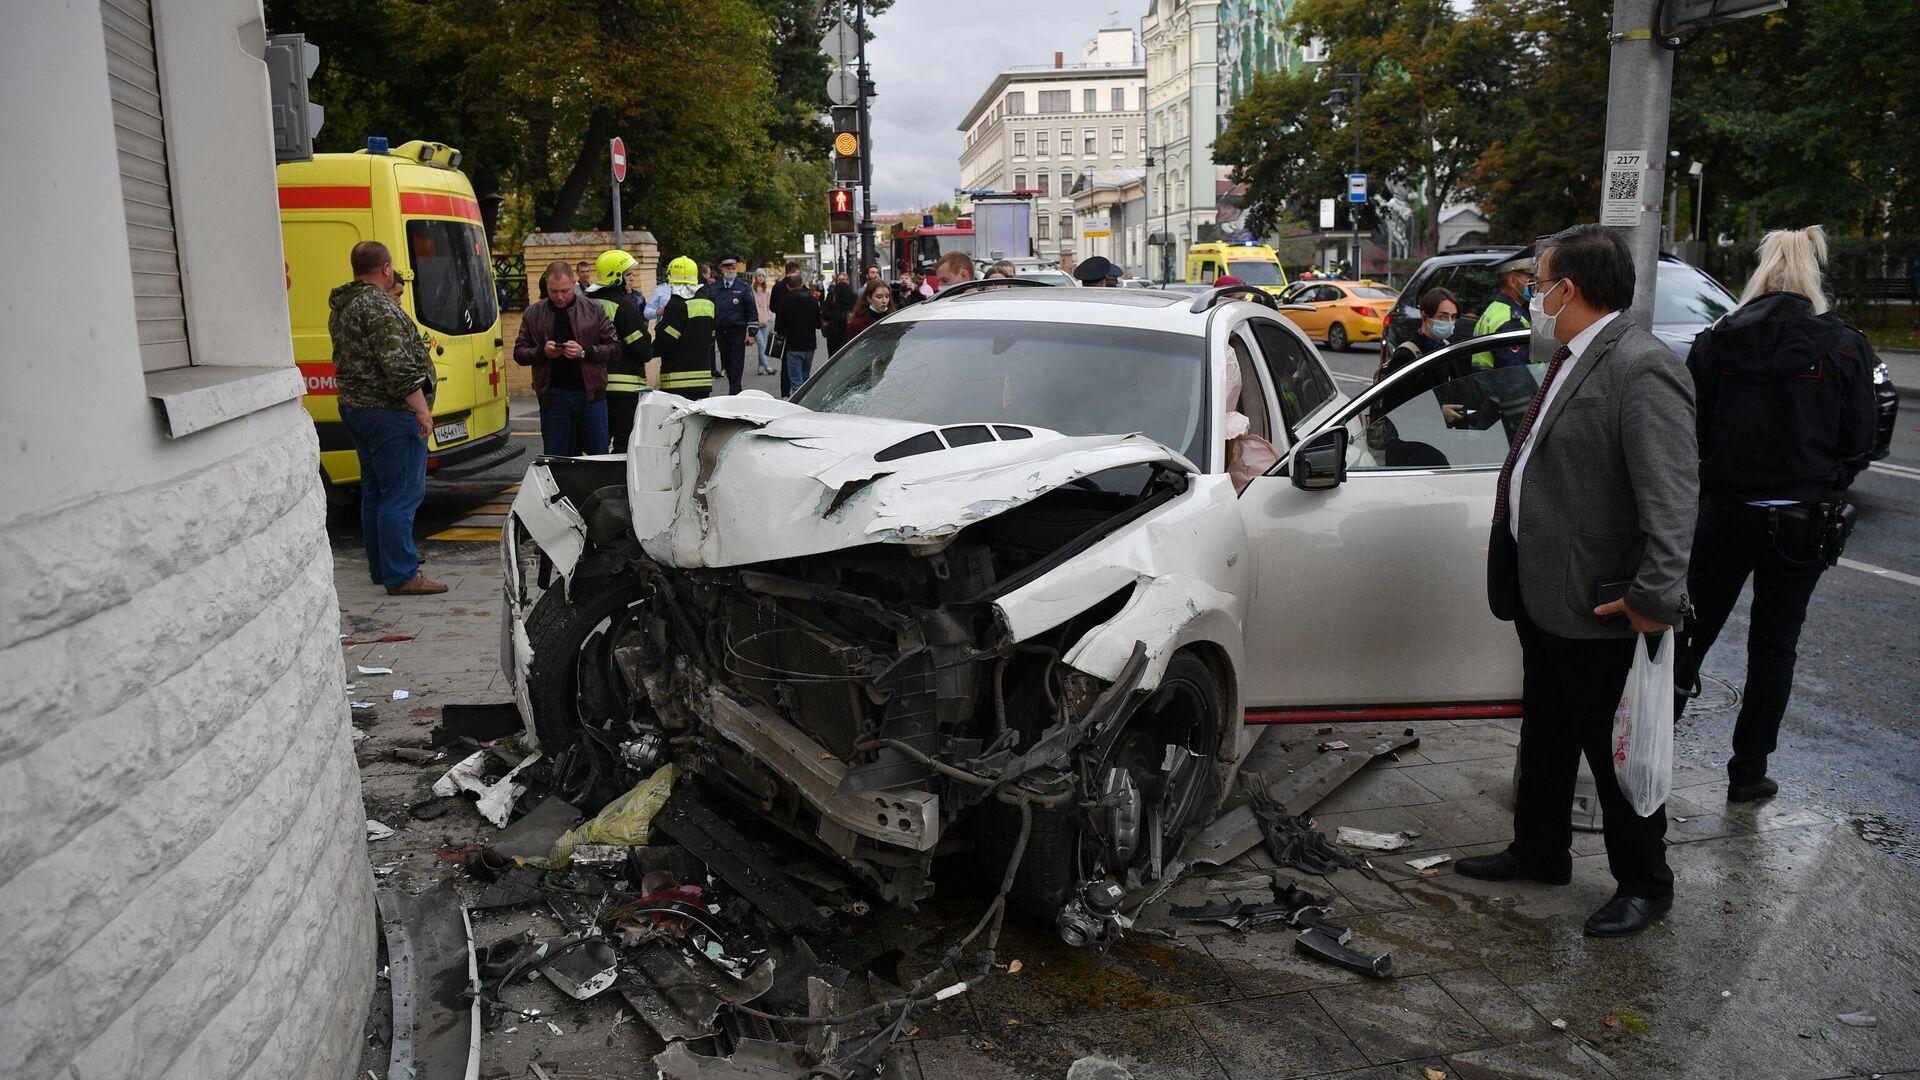 Автомобиль Infiniti, пострадавший в ДТП в центре Москвы - РИА Новости, 1920, 22.09.2020